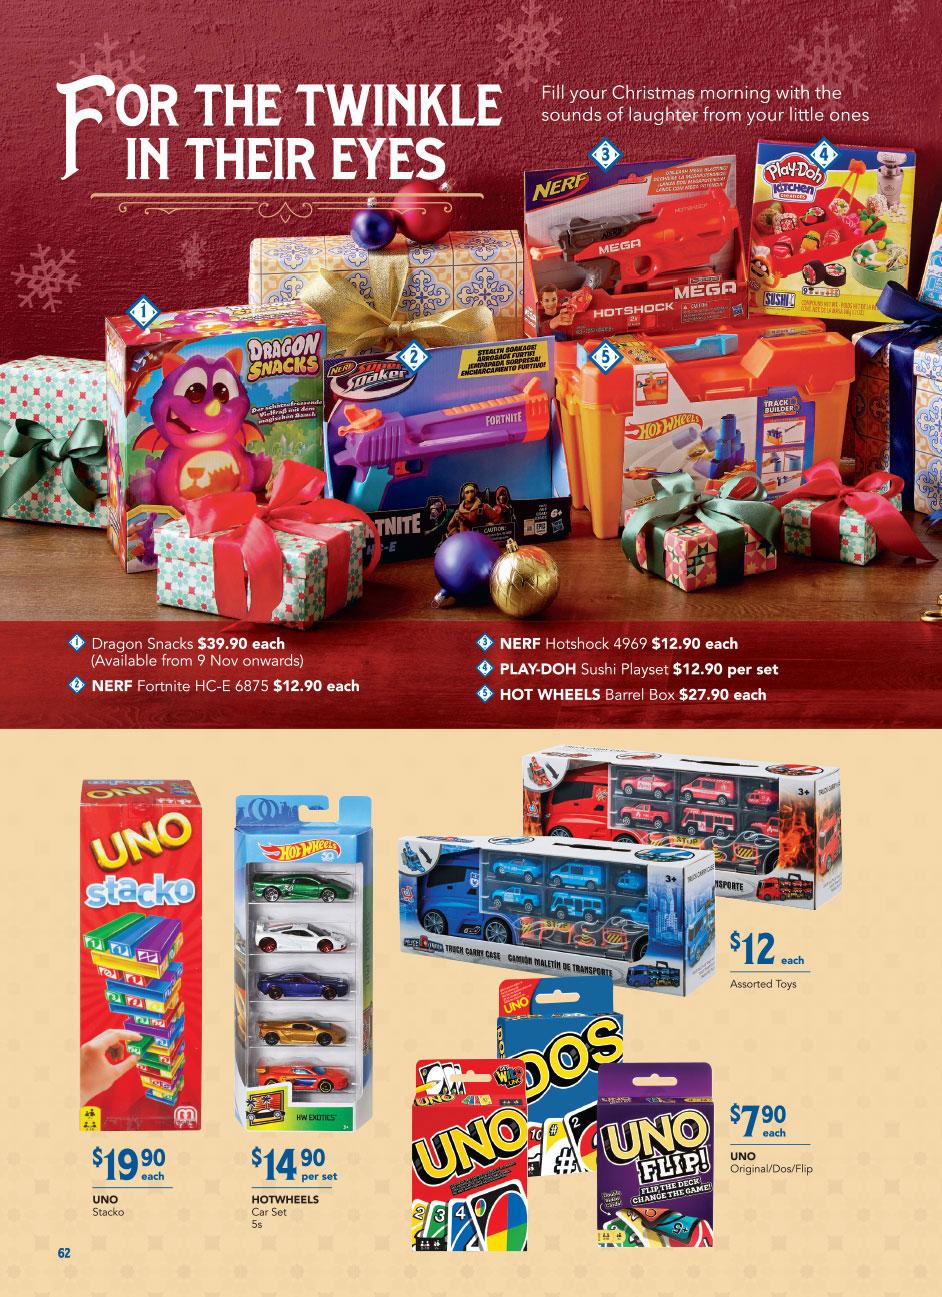 FairPrice Christmas Catalogue 2020 - Toys